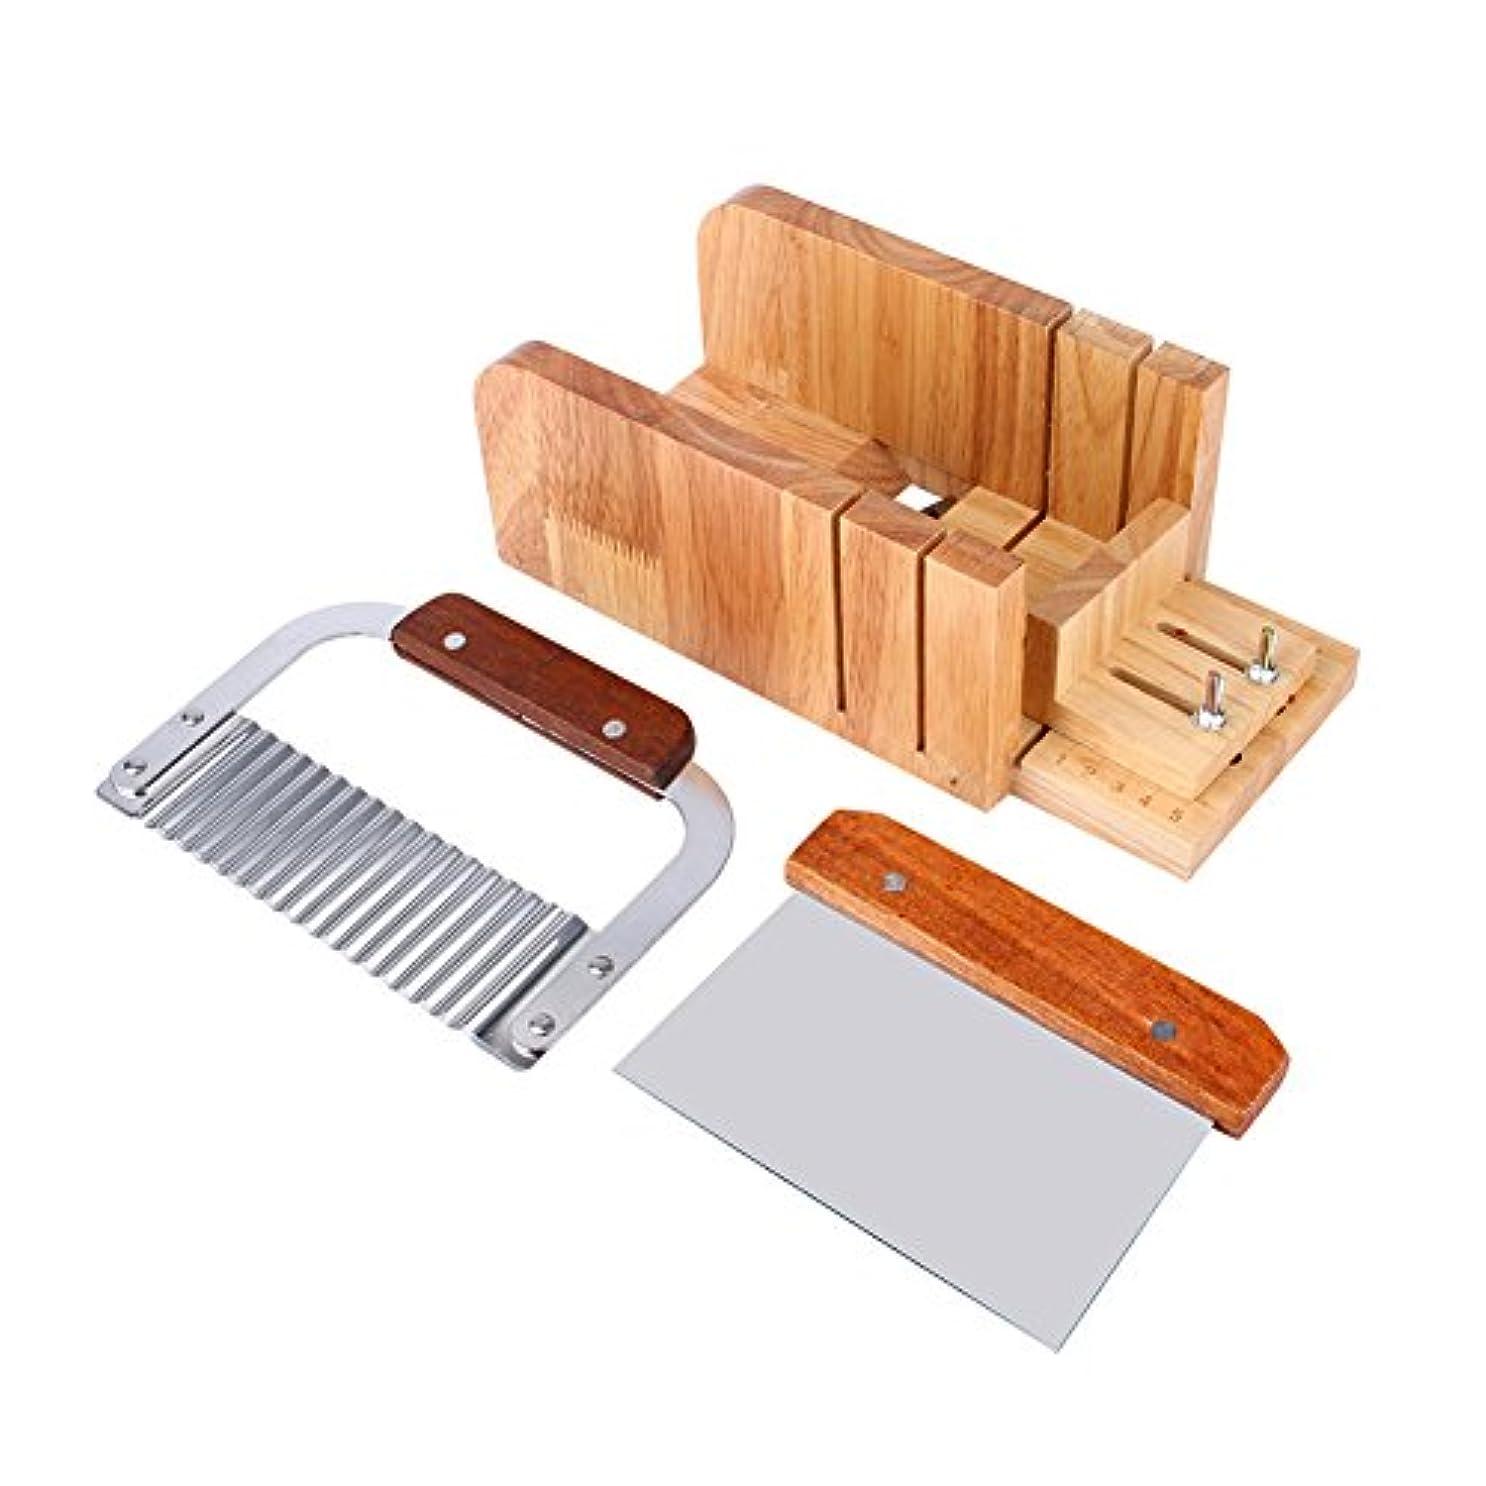 すみません信念面3点セット ソープカッター 石けん金型ソープロープ カッター 木製 カッター ツールDIY 手作り 木製ボックス松木製 ストレートソープ包丁 ナイフ モールドソープ調整可能レトロ